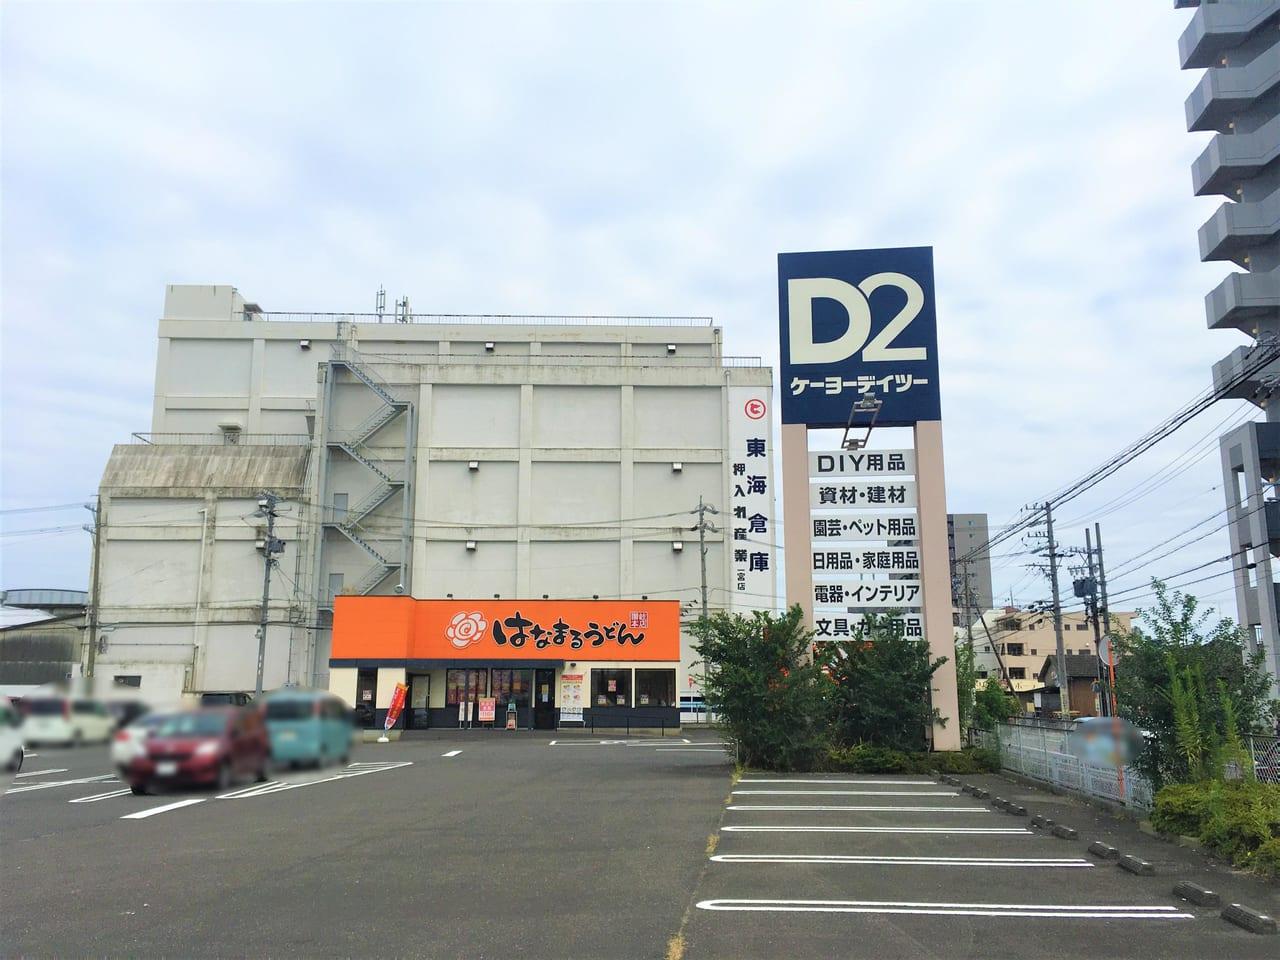 ケーヨーデイツー一宮八幡店の駐車場